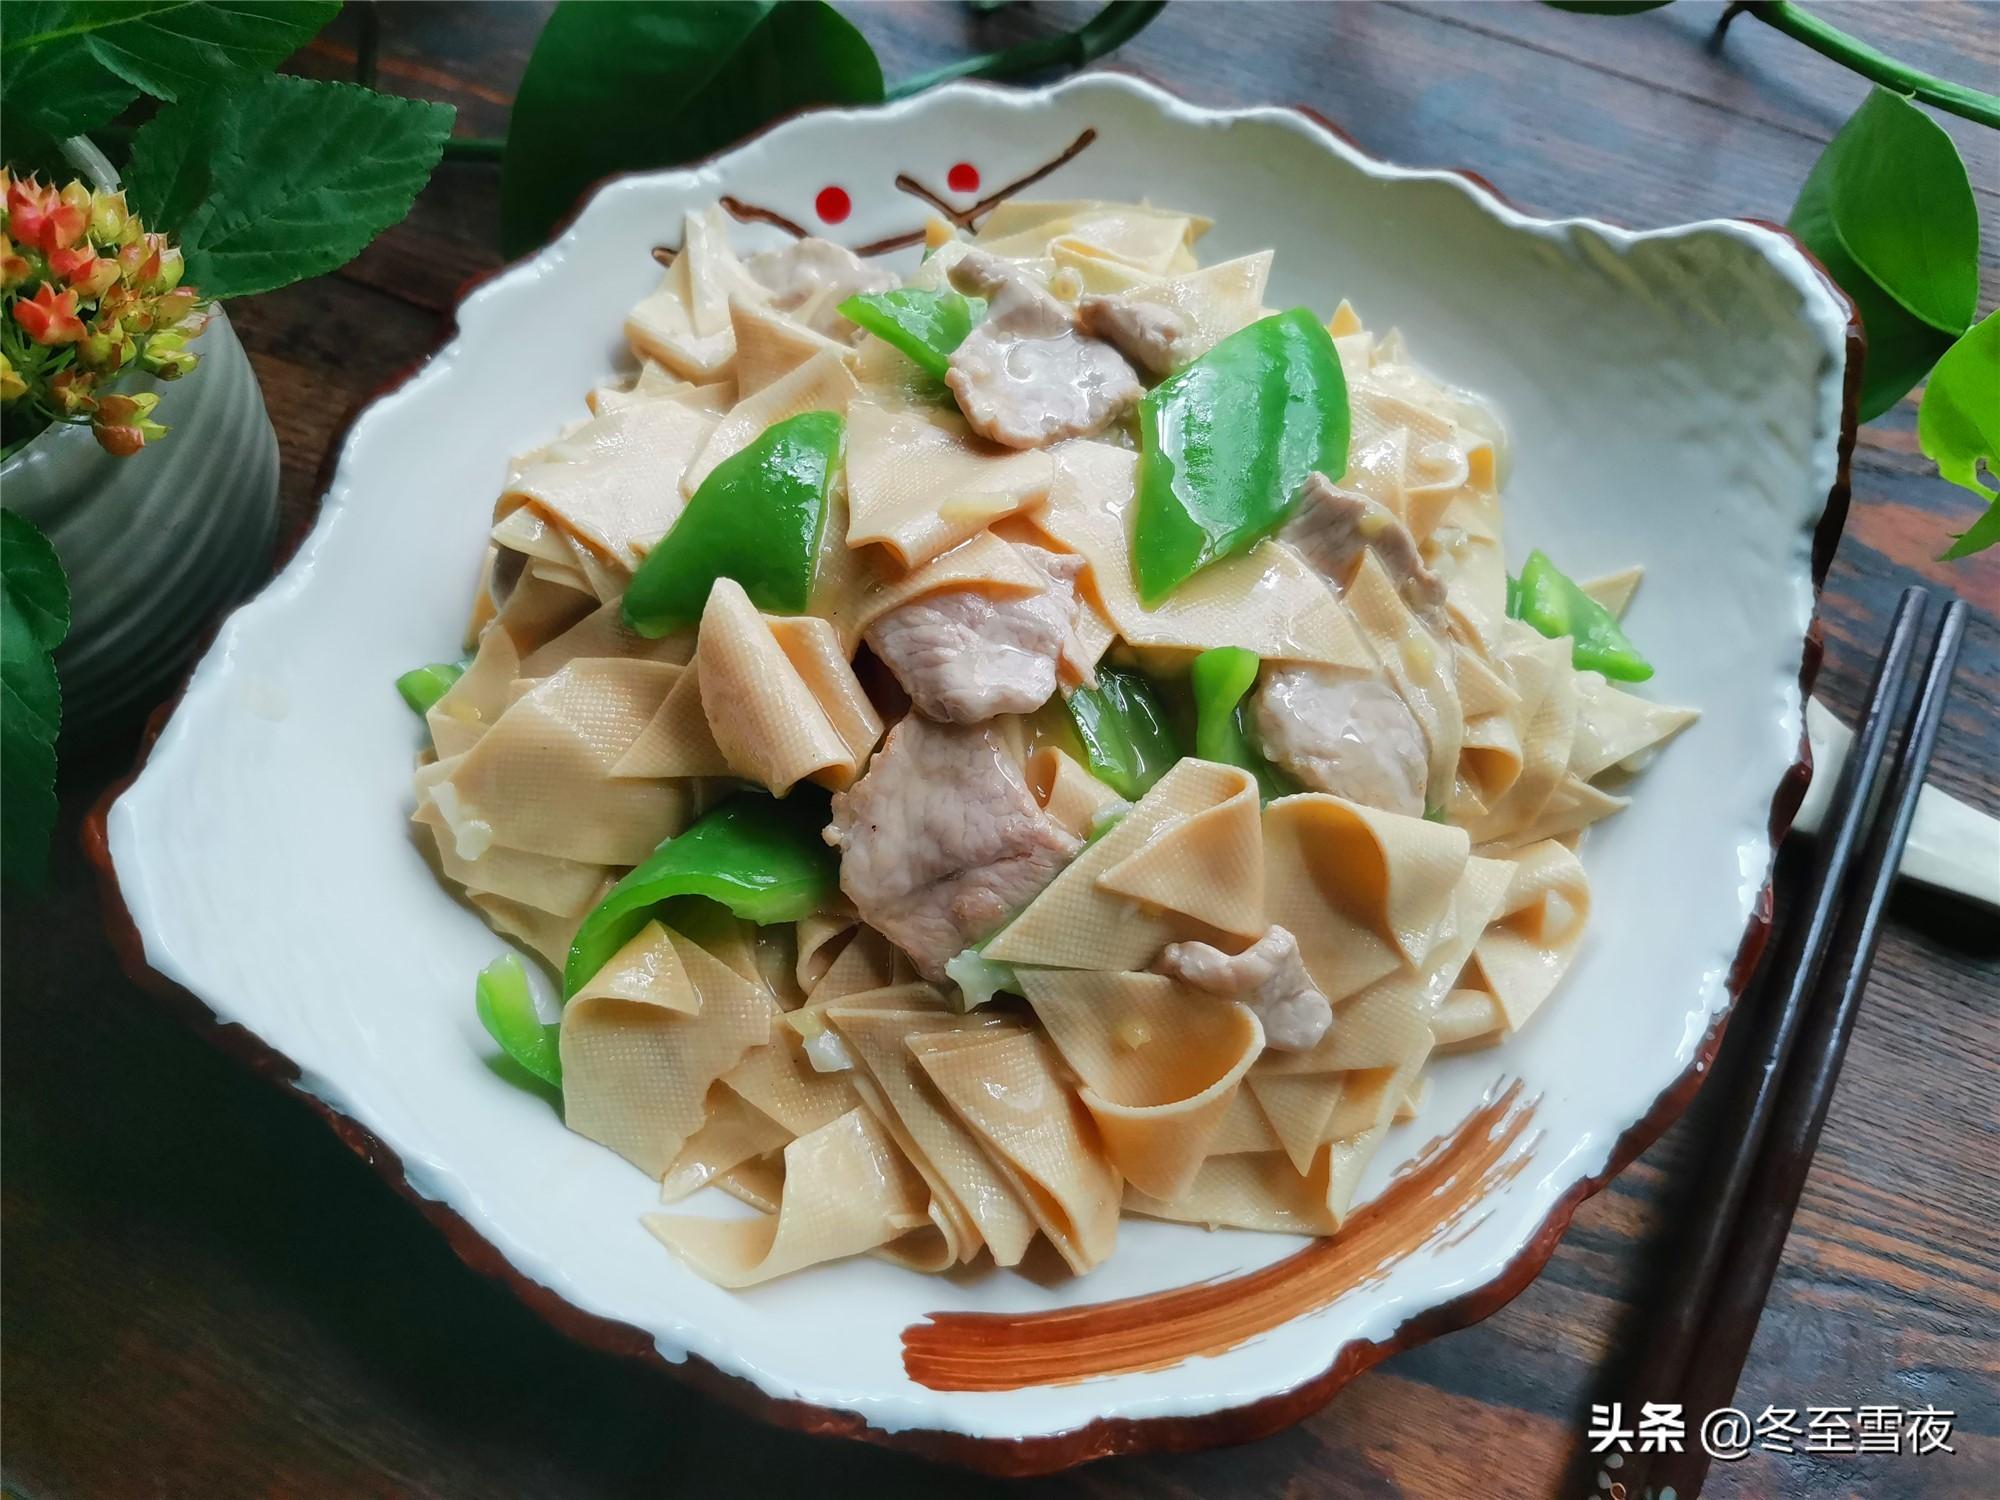 23道东北家常菜,吃了几十年都不腻,东北人都不一定全吃过 东北菜谱 第5张